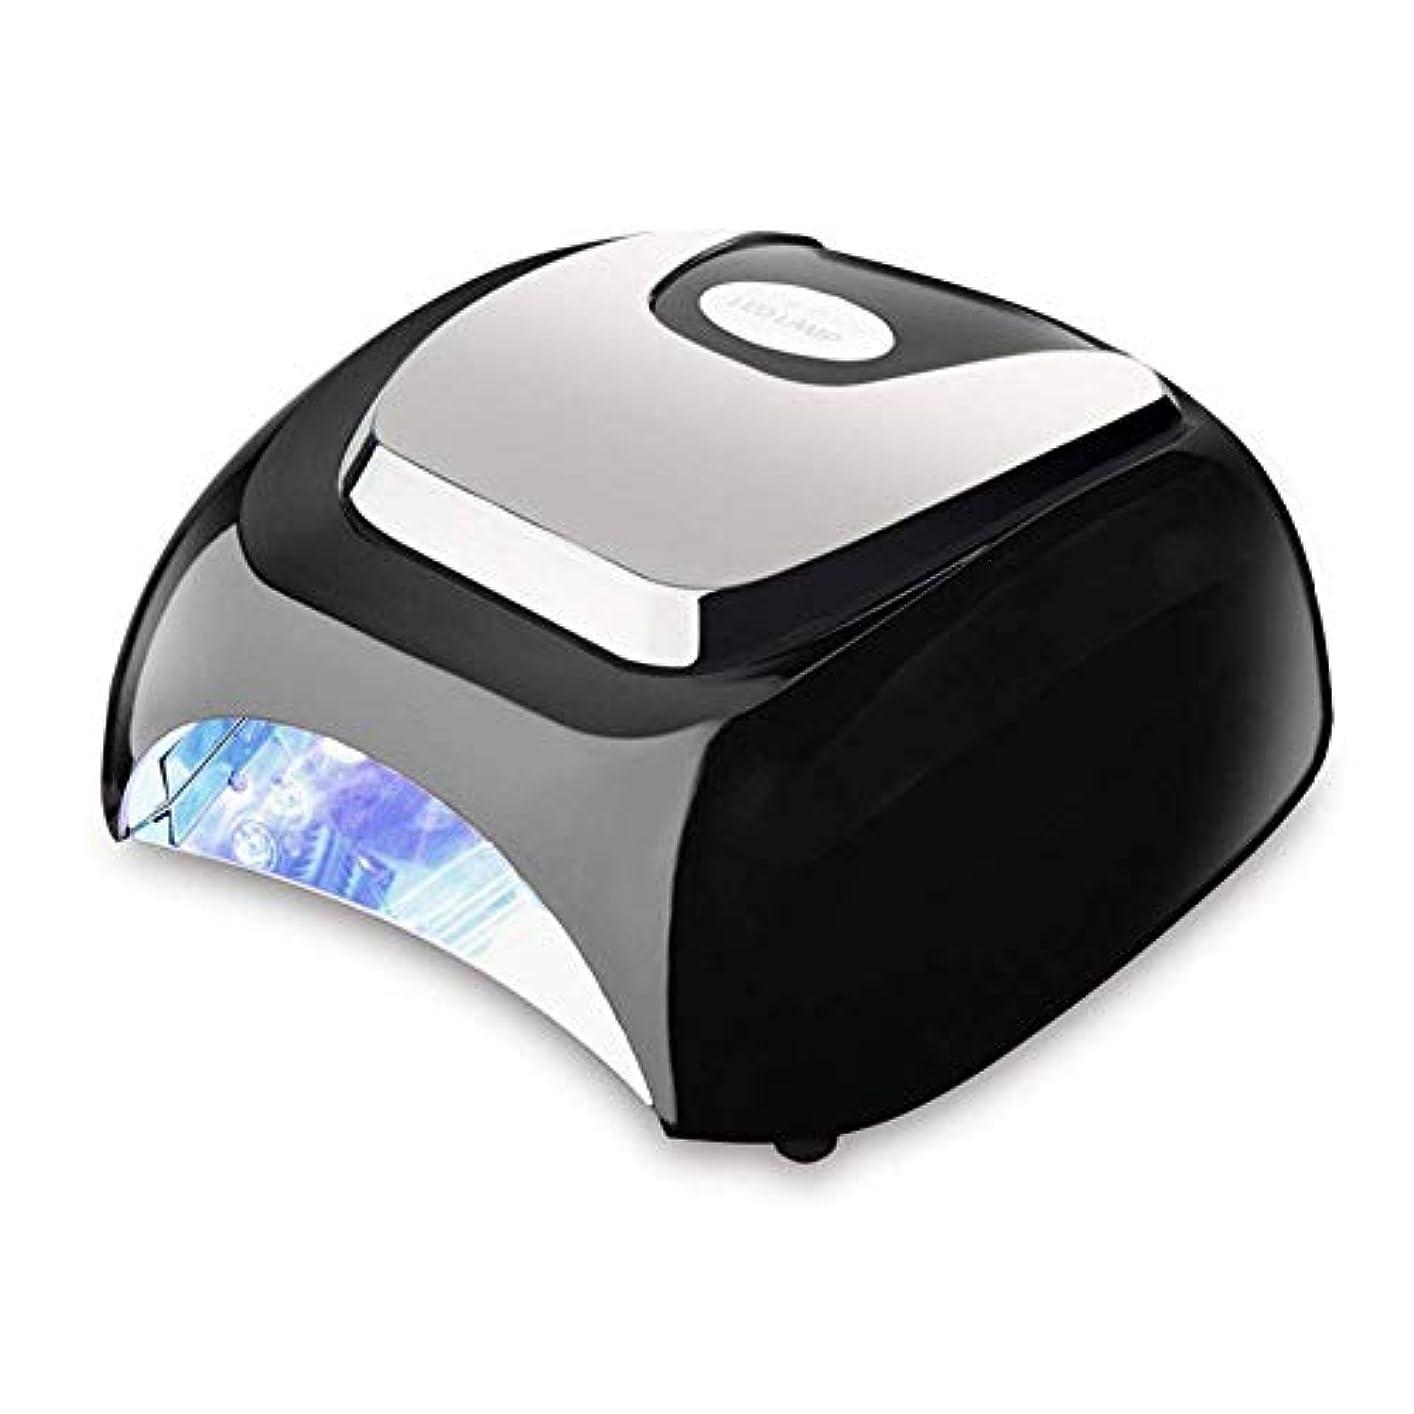 アラーム負作物ネイルドライヤー48ワットネイルドライヤーホワイトLED乾燥ネイルジェルポリッシュ機器マニキュアサロンネイルアートツールオートセンサーネイルワニスランプ、画像としての色